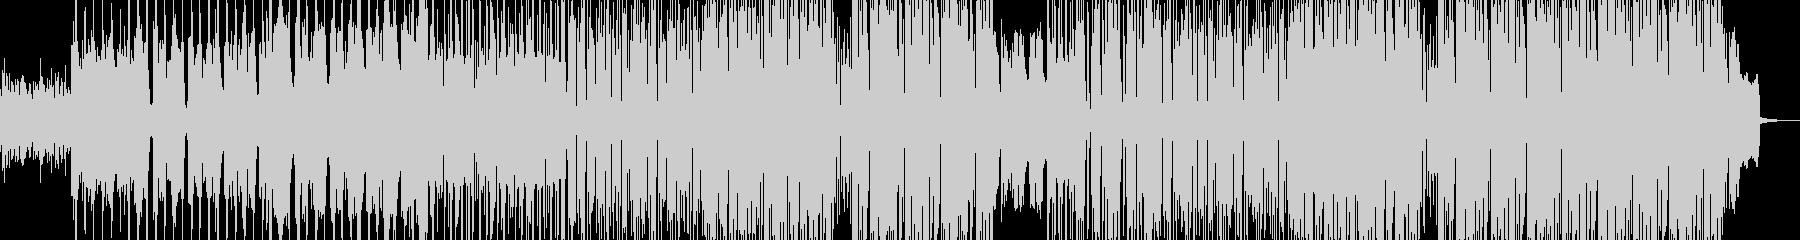 切ないクリップウォーク系ヒップホップの未再生の波形